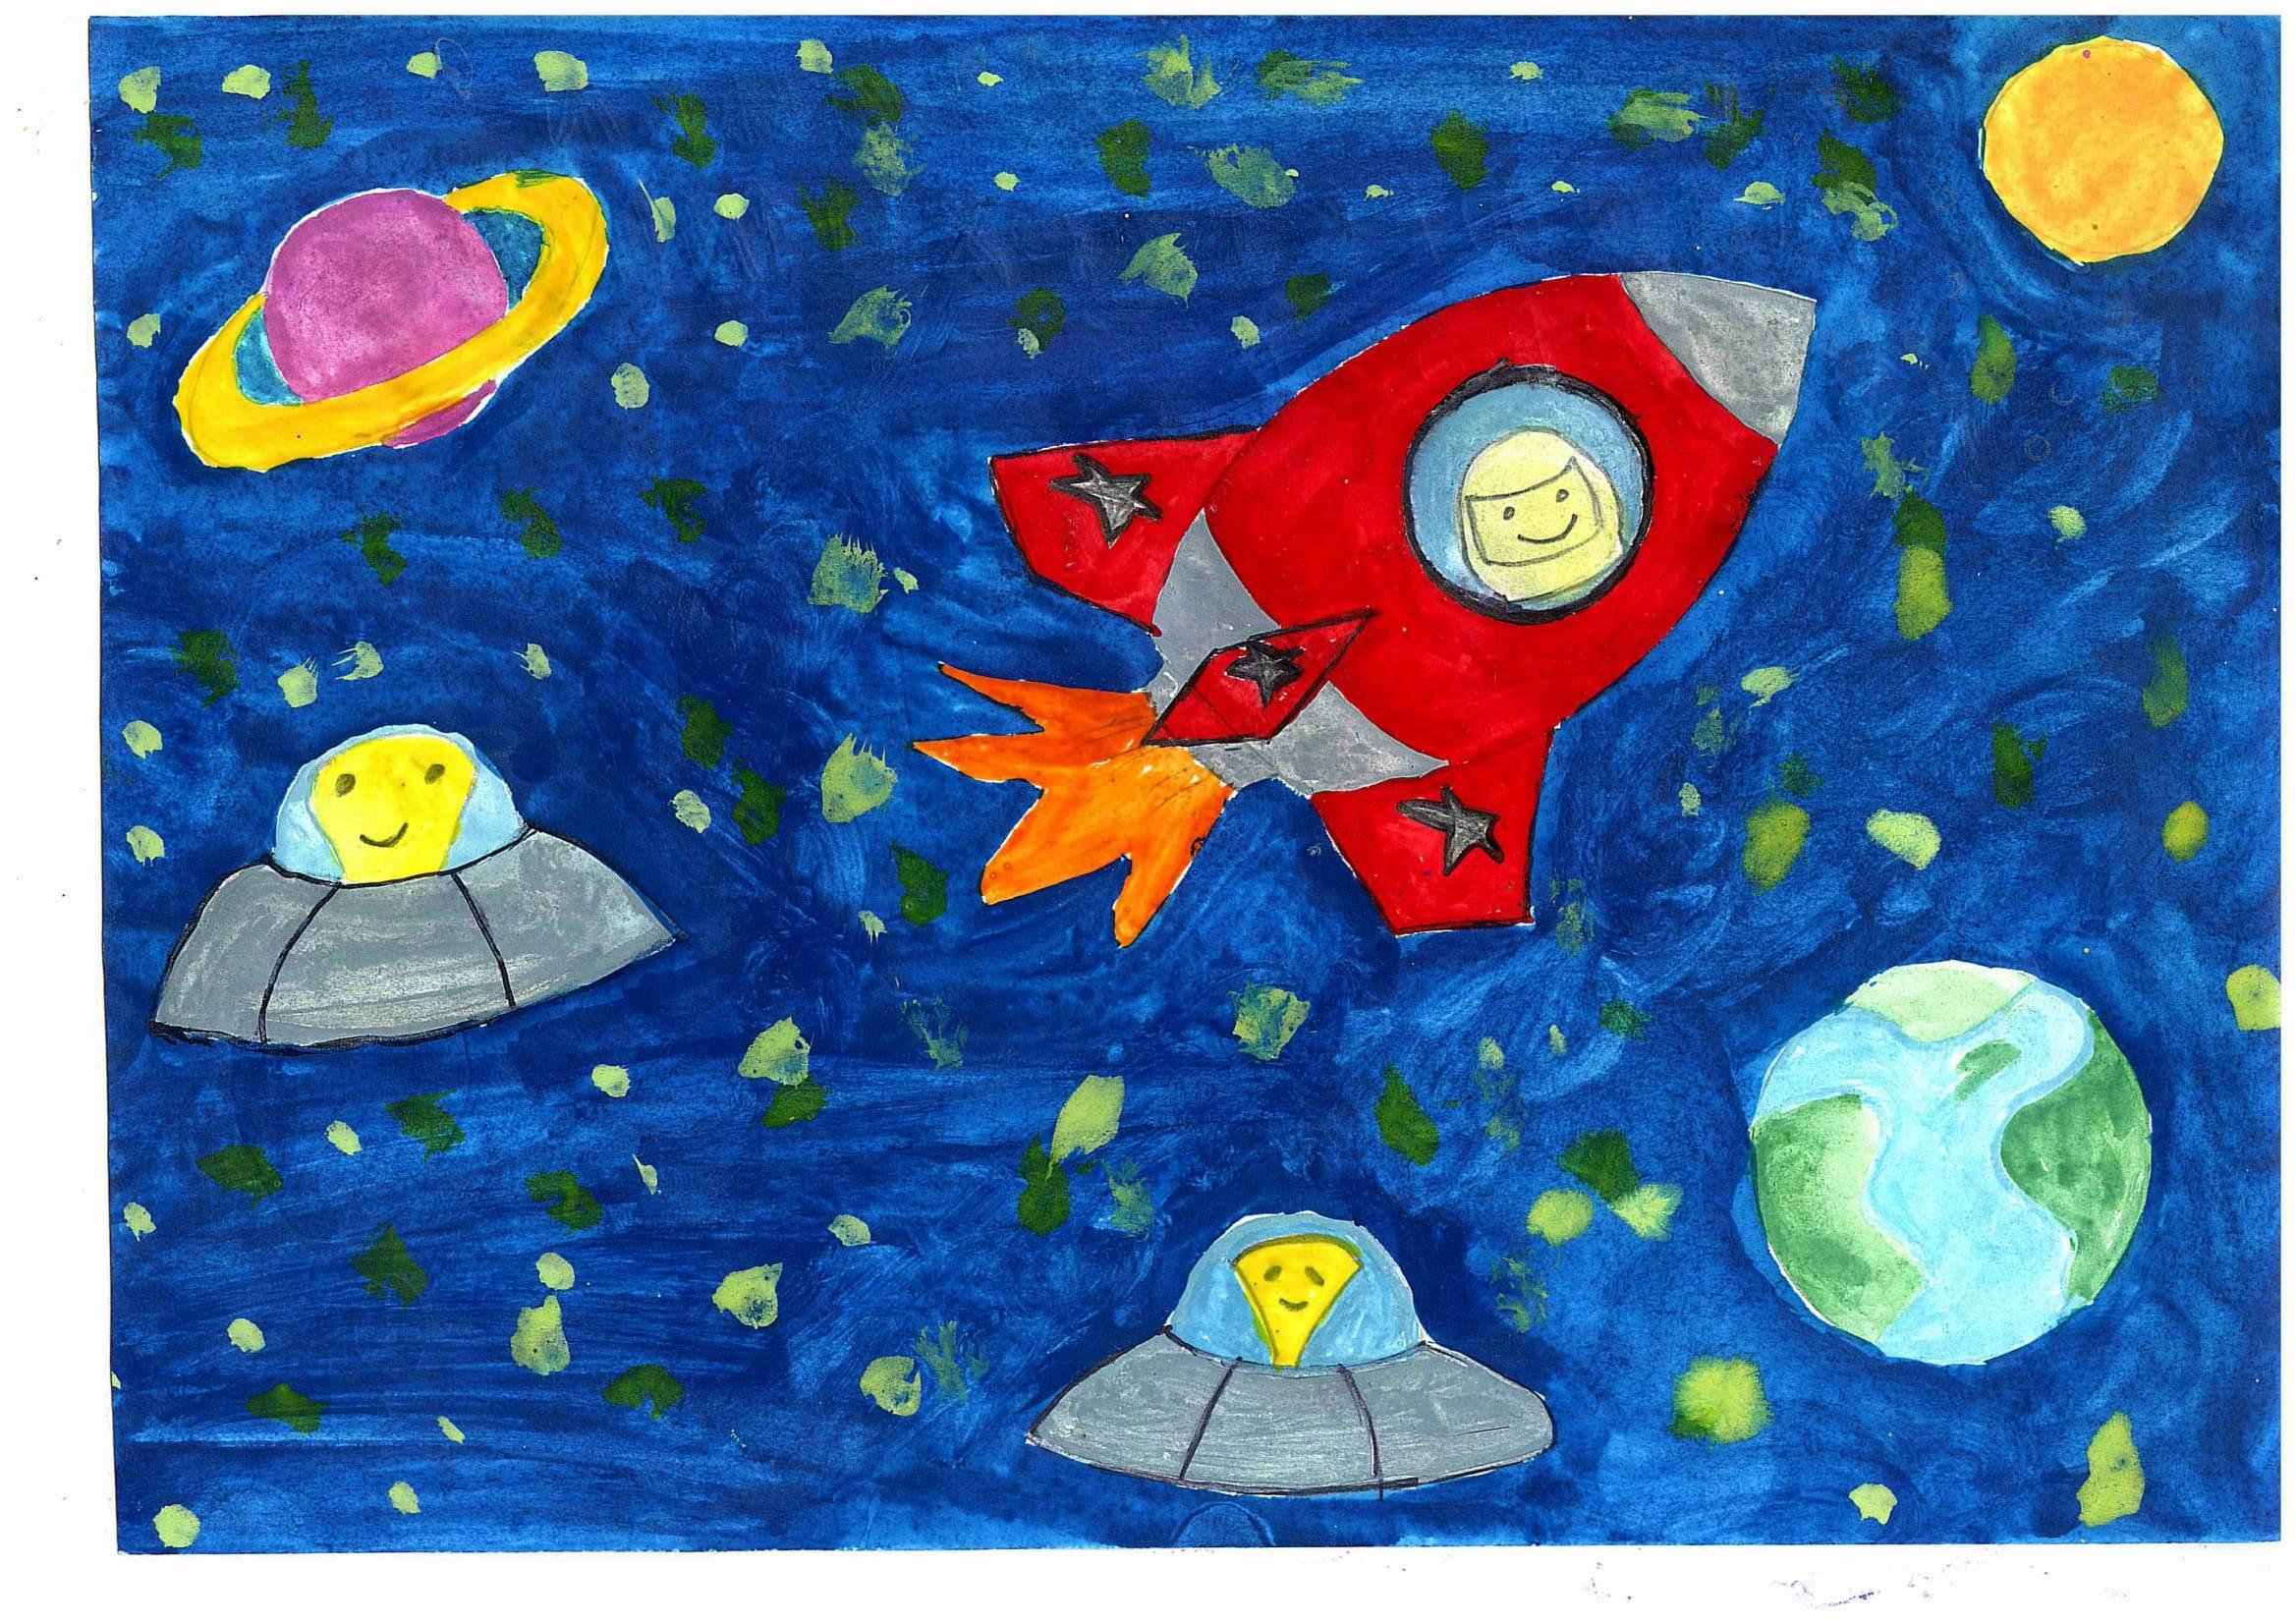 Поделки на тему космос - конкурс к Дню космонавтики 2018 68